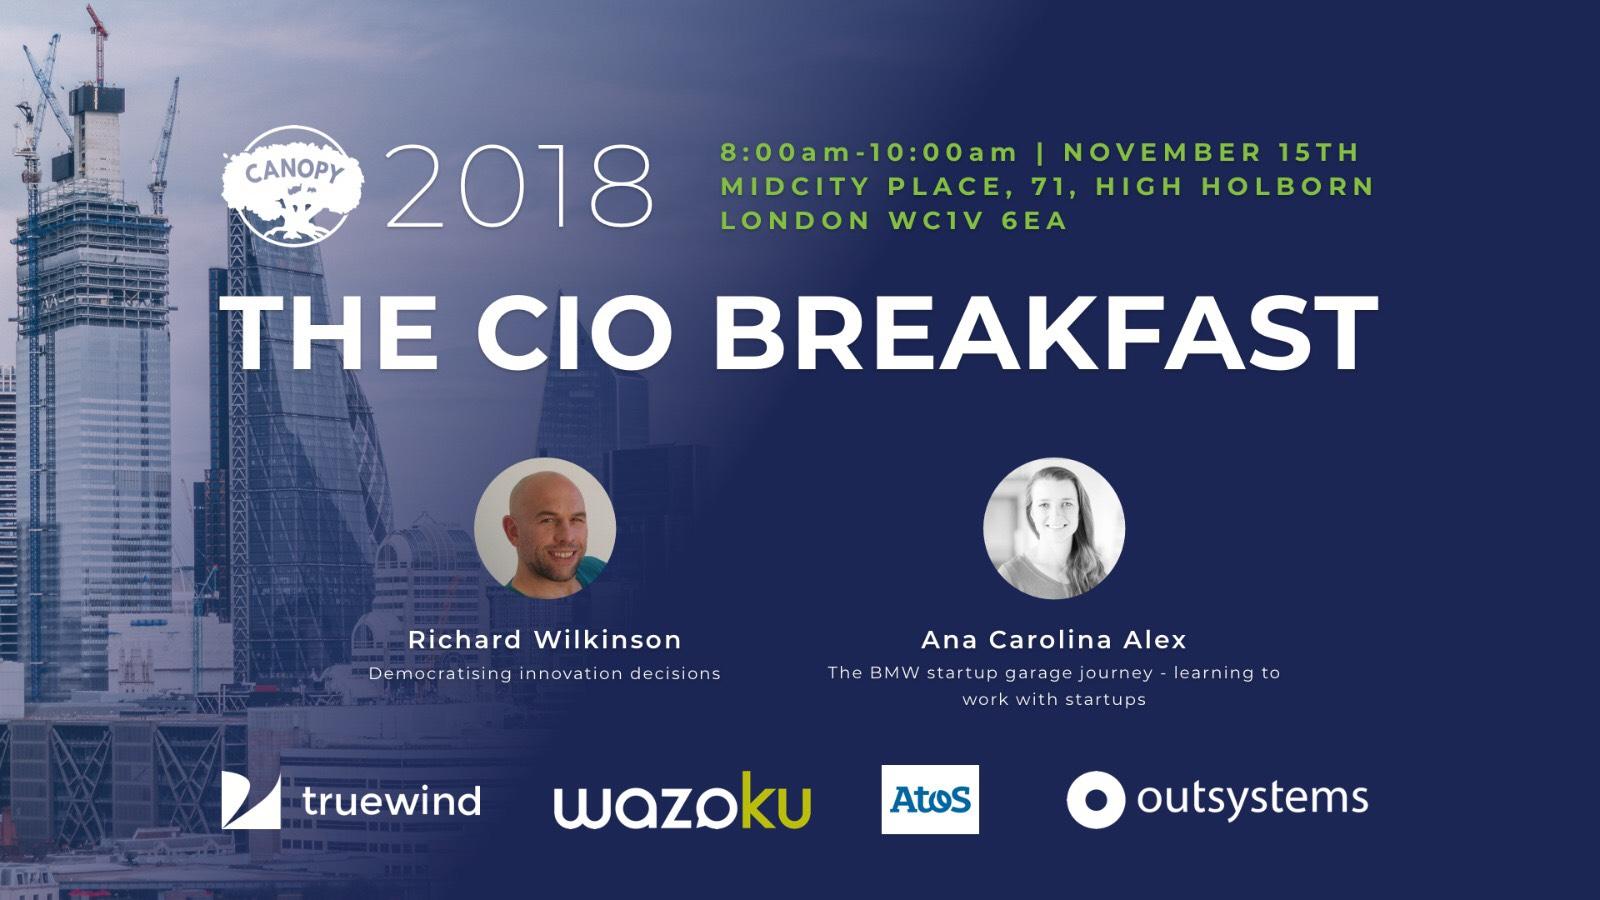 Nov 15 CIO Breakfast Briefing on Innovation.jpg